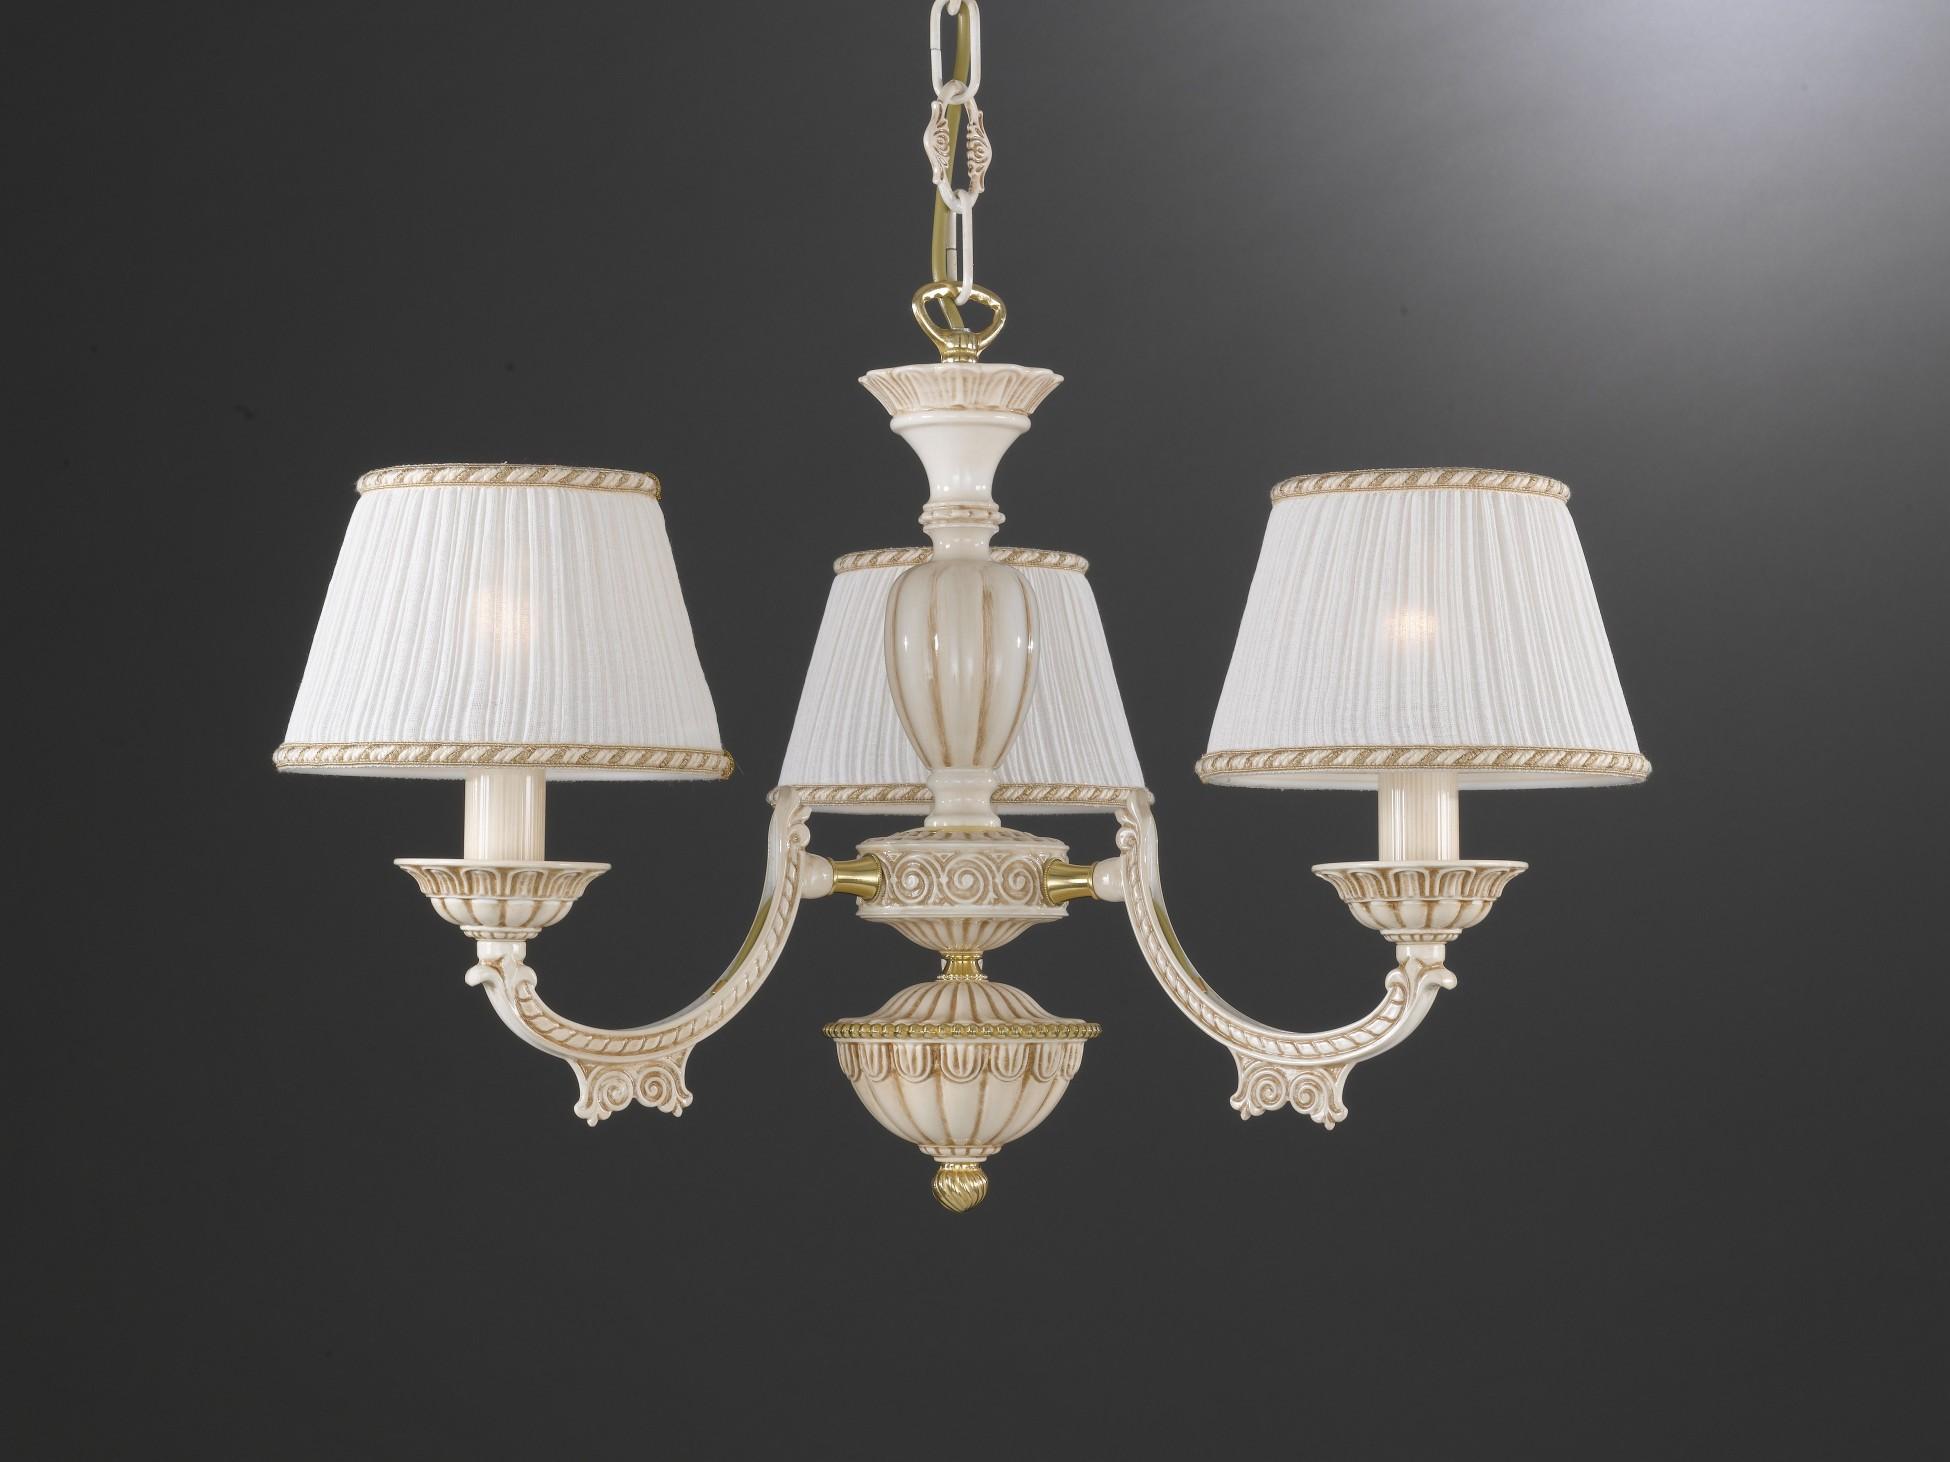 Lampenschirm Für Kronleuchter: Lampenschirm kronleuchter kaufen zum ...